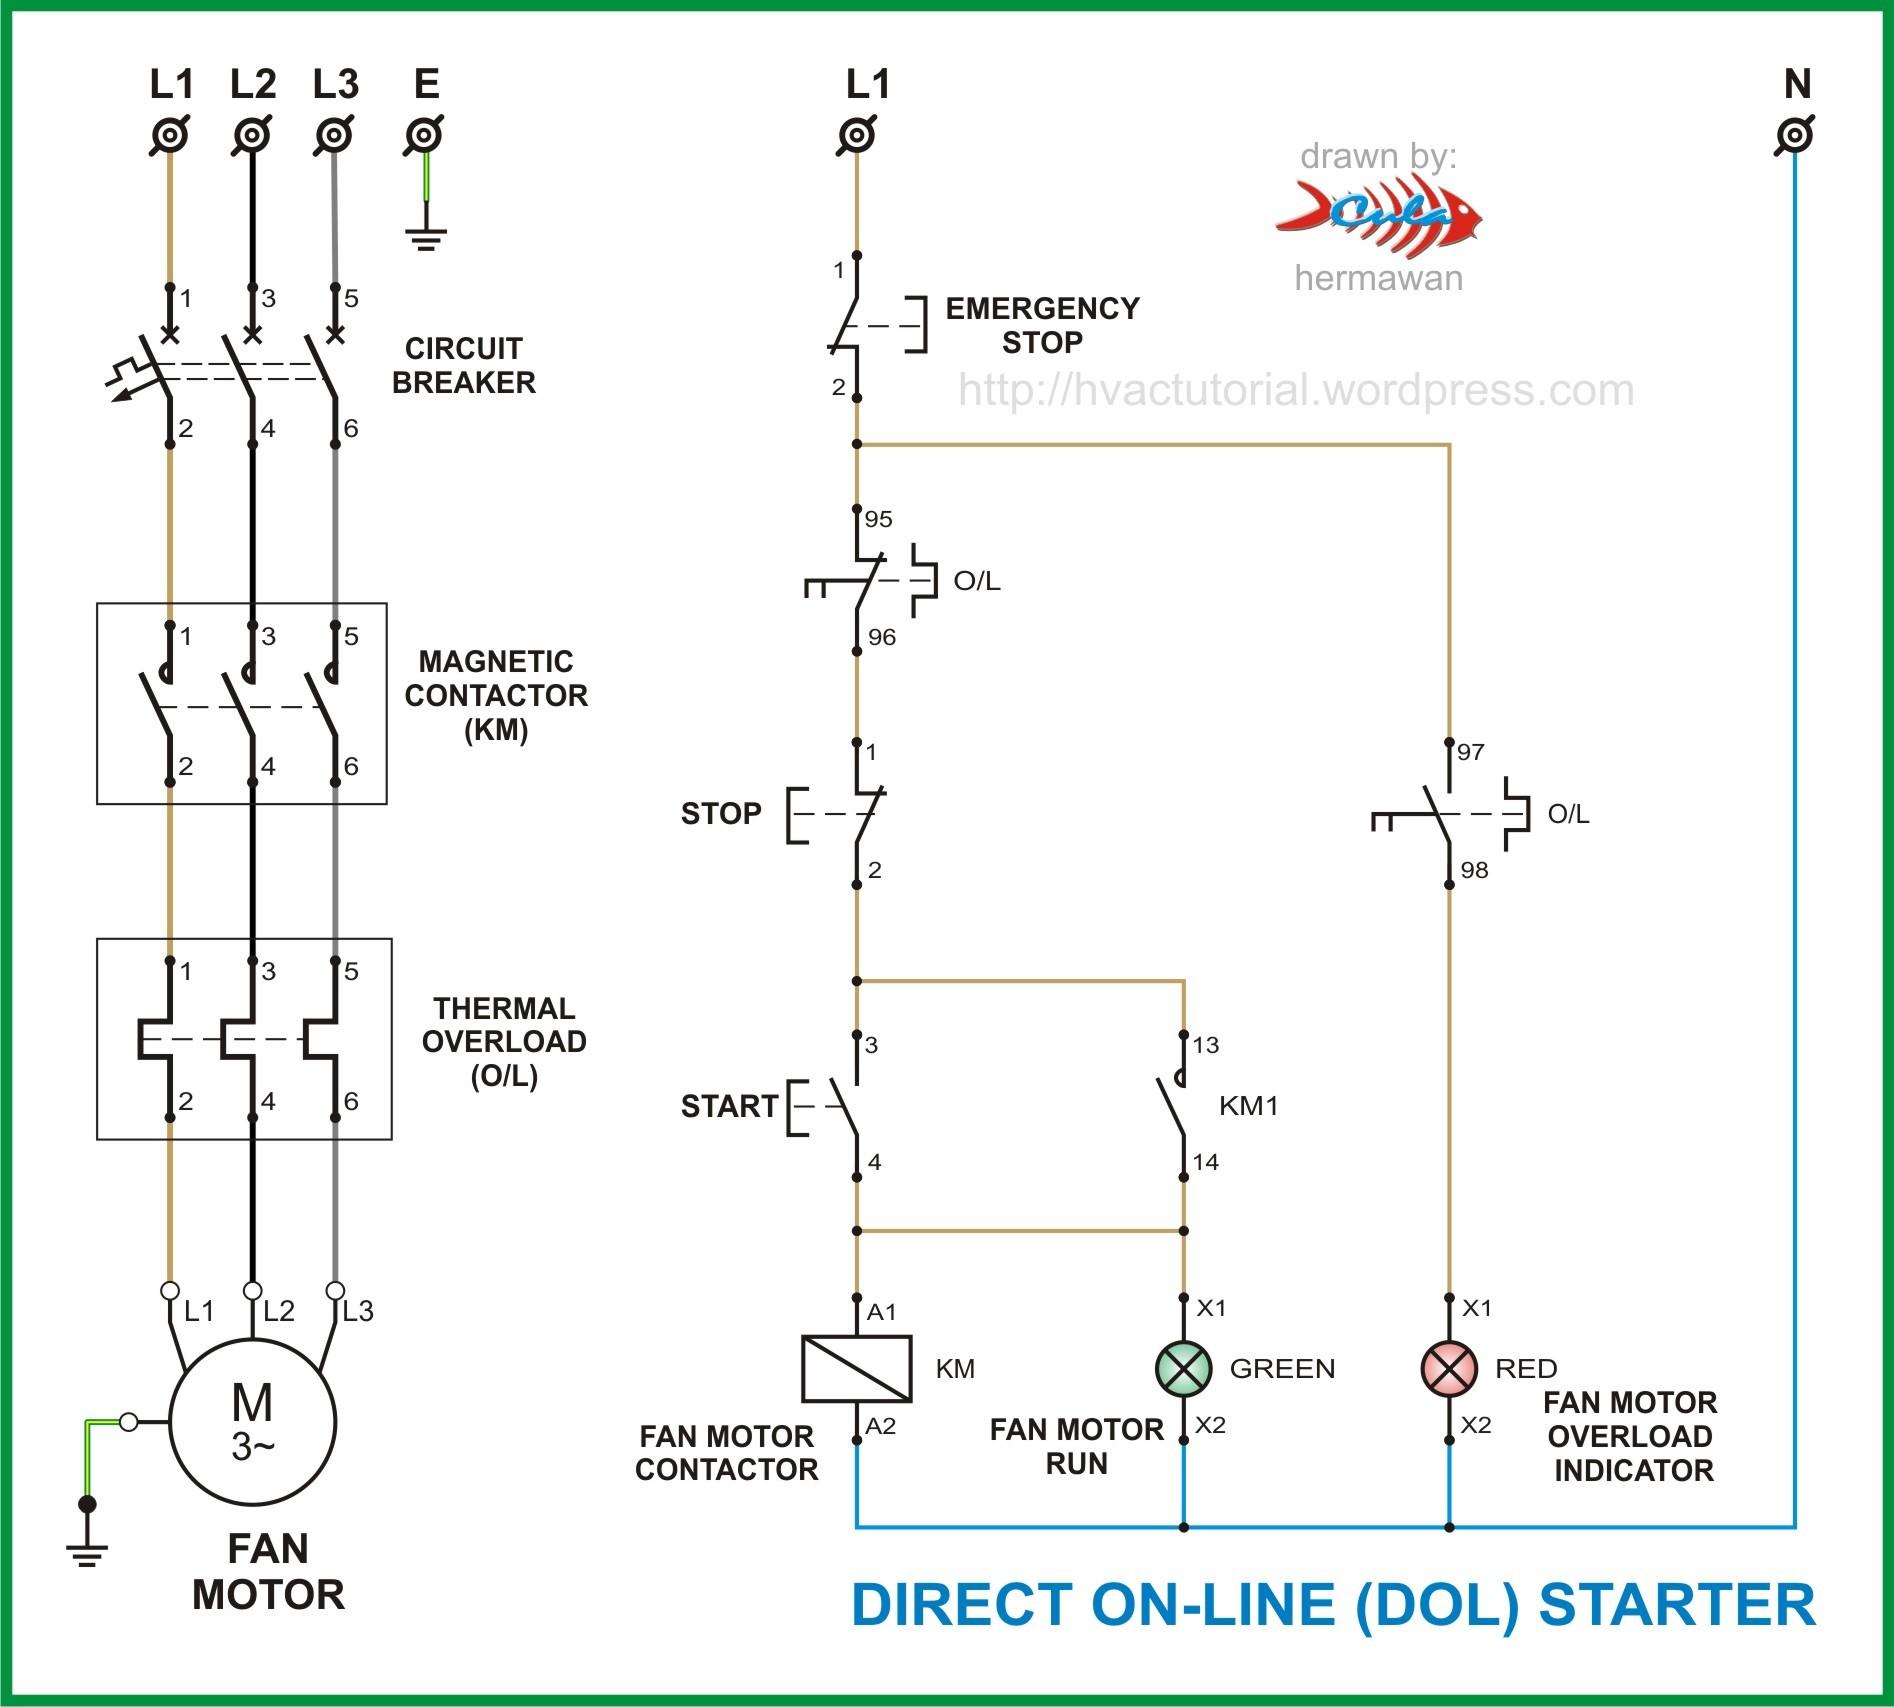 Single Phase Motor Starter Wiring Diagram 240v Single Phase Motor Wiring Diagram Diagrams Database Starter Of Single Phase Motor Starter Wiring Diagram